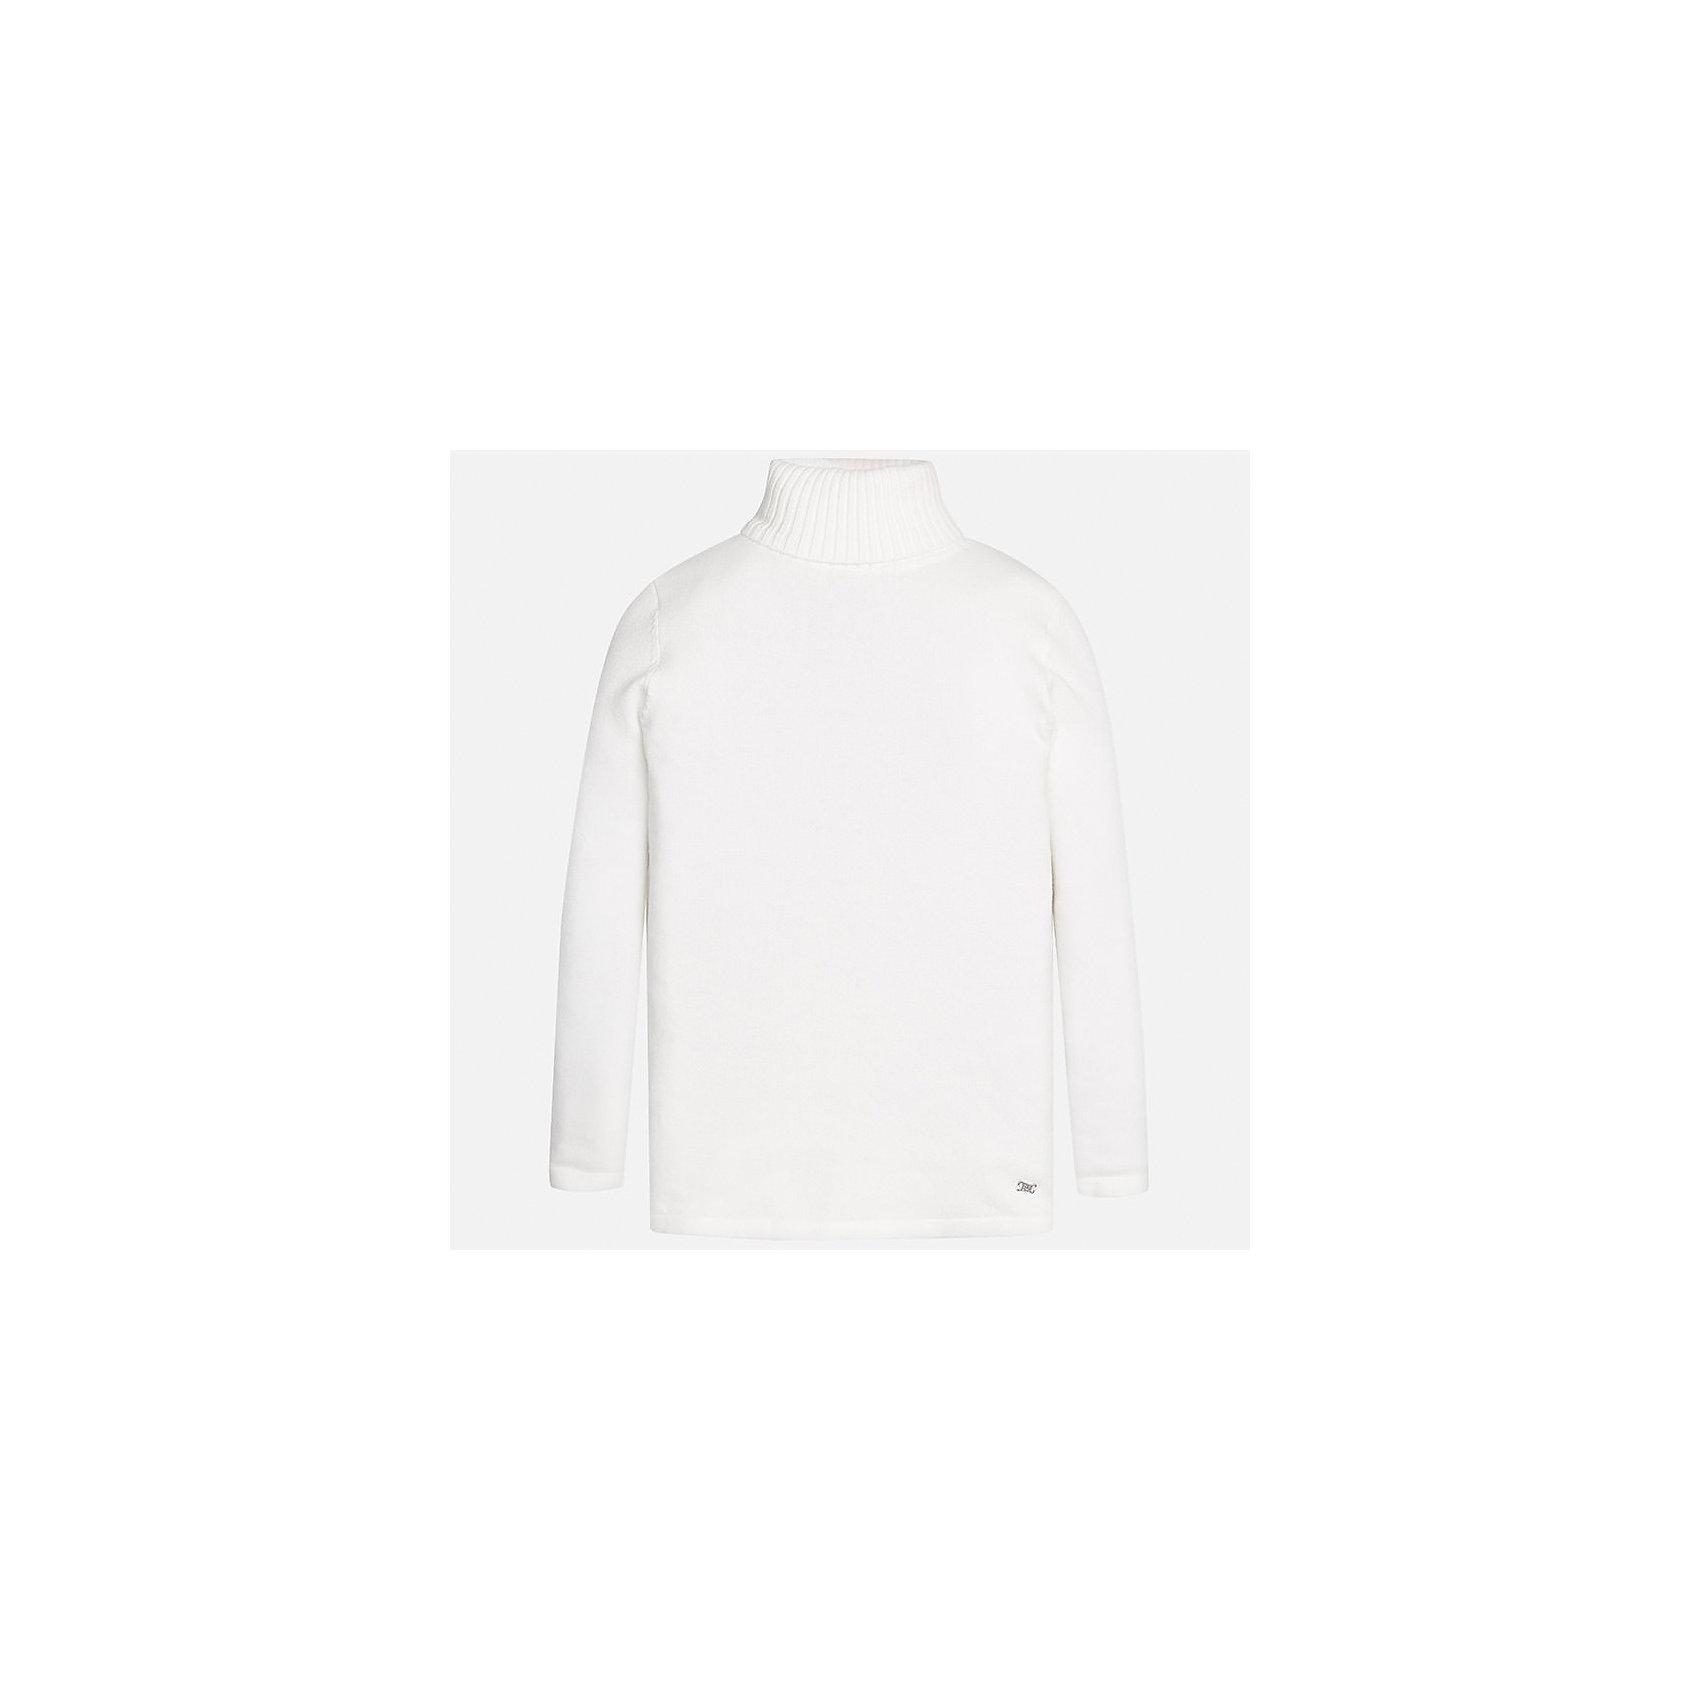 Водолазка Mayoral для девочкиВодолазки<br>Характеристики товара:<br><br>• цвет: белый<br>• состав ткани: 80% хлопок, 17% полиамид, 3% эластан<br>• сезон: демисезон<br>• особенности: высокий ворот<br>• длинные рукава<br>• страна бренда: Испания<br>• страна изготовитель: Индия<br><br>Белый свитер для девочки Mayoral удобно сидит по фигуре. Этот детский свитер сделан из дышащего эластичного материала. Простой способ обеспечить ребенку комфорт и аккуратный внешний вид - надеть детский свитер от Mayoral. <br><br>Свитер для девочки Mayoral (Майорал) можно купить в нашем интернет-магазине.<br><br>Ширина мм: 190<br>Глубина мм: 74<br>Высота мм: 229<br>Вес г: 236<br>Цвет: бежевый<br>Возраст от месяцев: 168<br>Возраст до месяцев: 180<br>Пол: Женский<br>Возраст: Детский<br>Размер: 170,128/134,140,152,158,164<br>SKU: 6920014